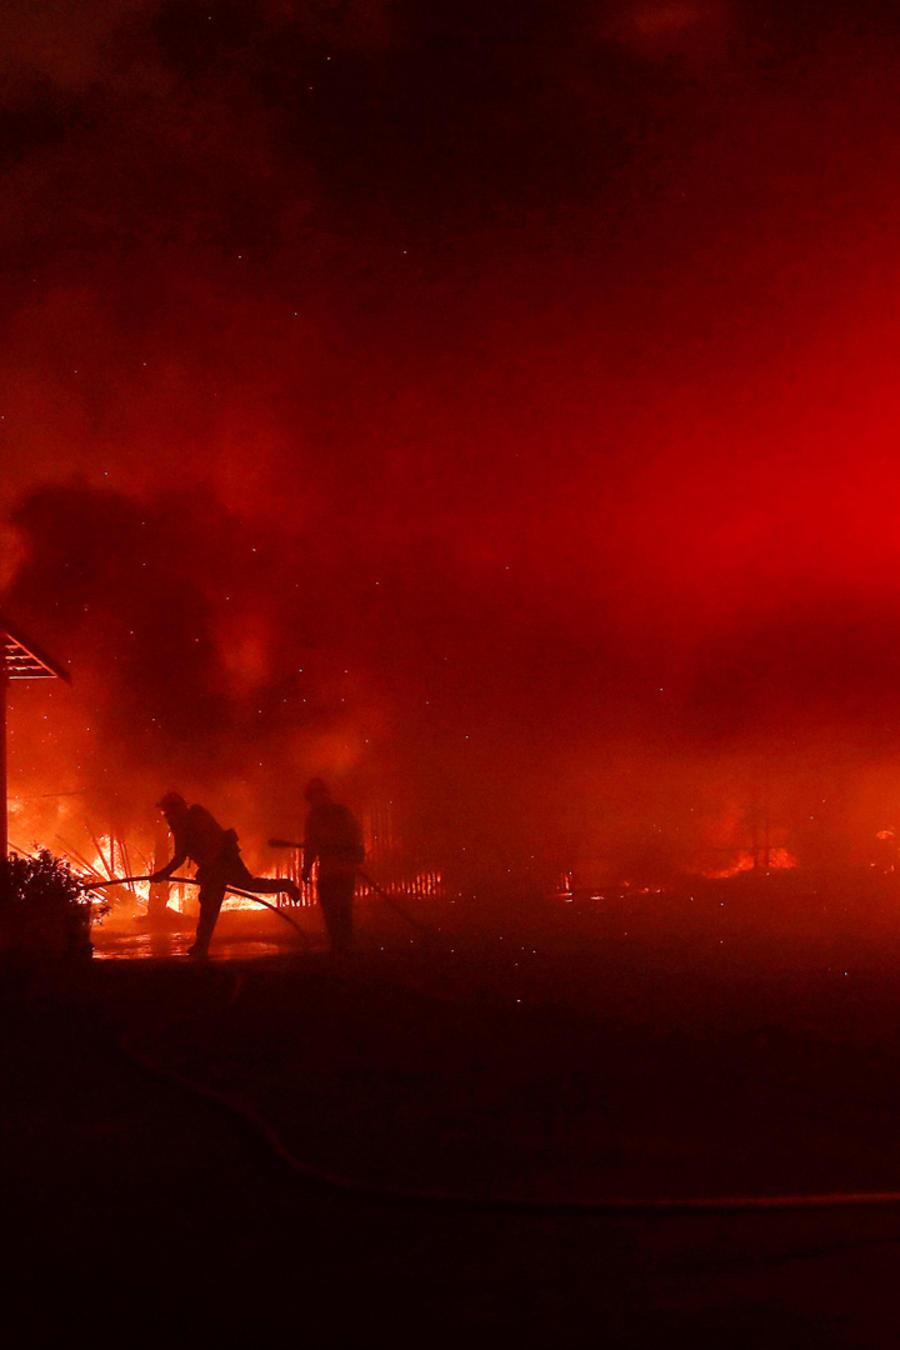 Bomberos combaten las llamas en el incendio Kincade, en el norte de California